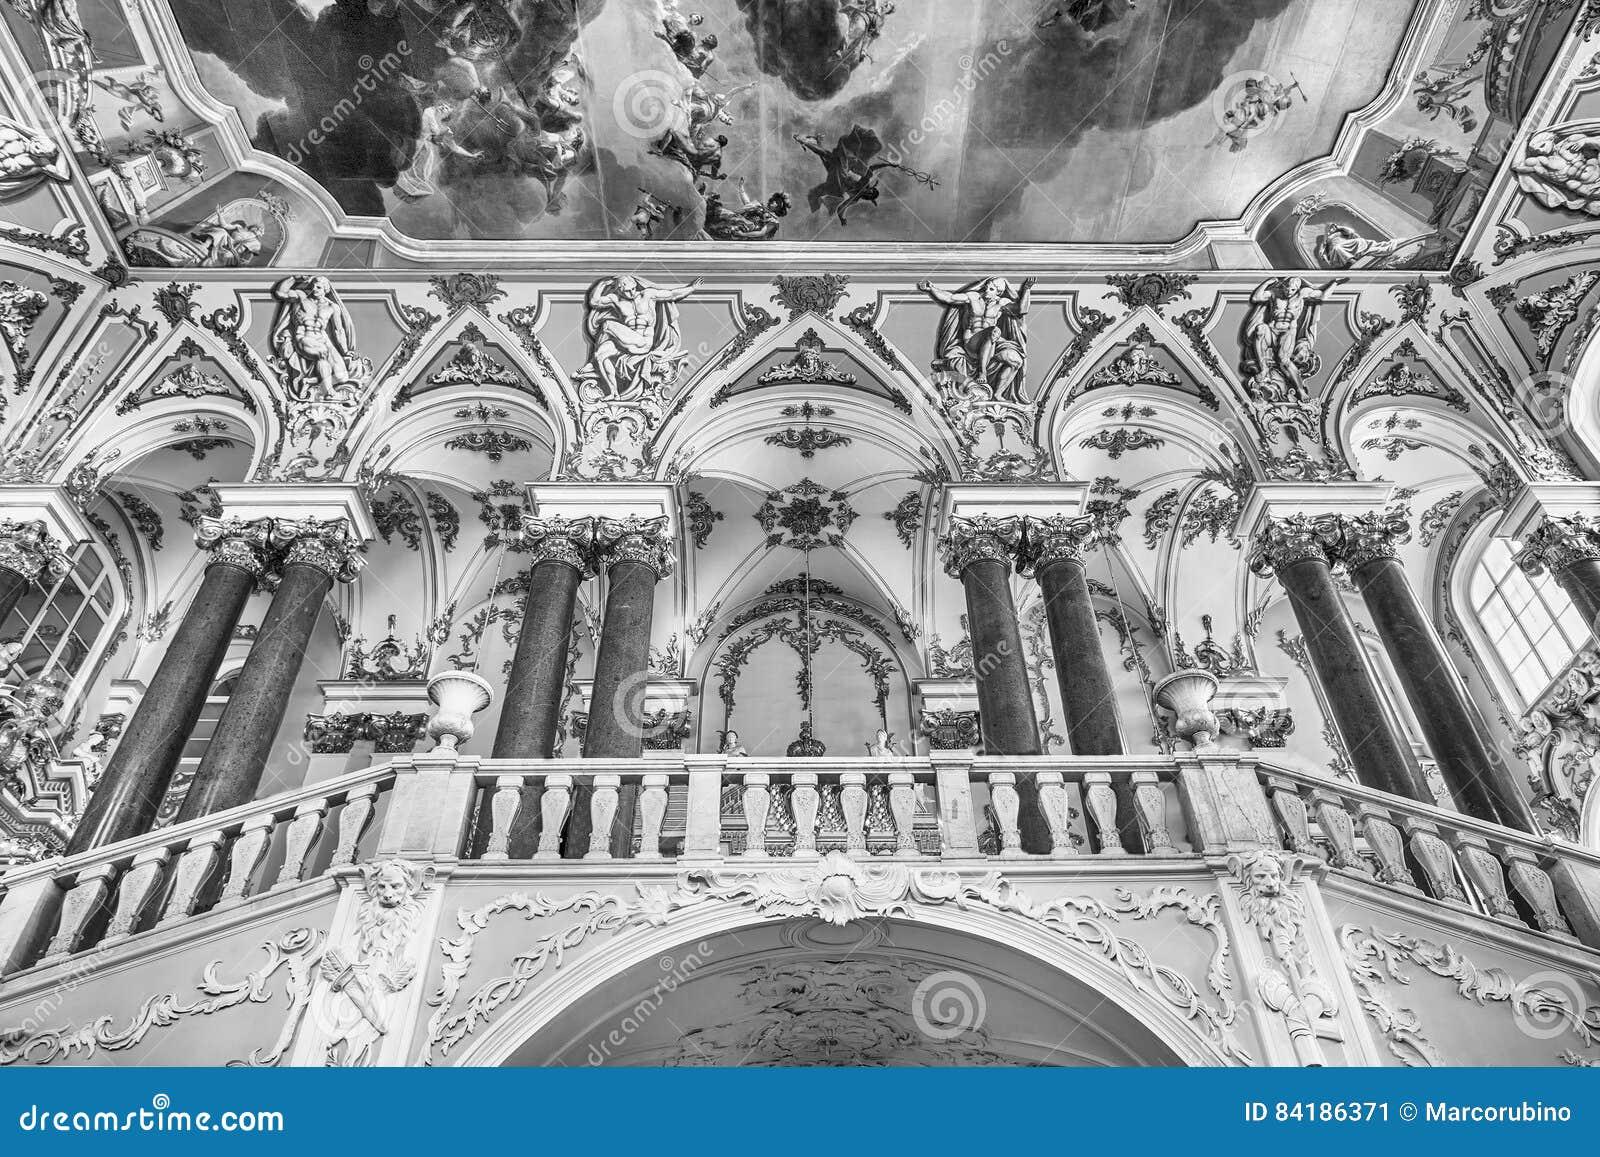 冬宫的约旦楼梯,埃尔米塔日博物馆,圣宠物